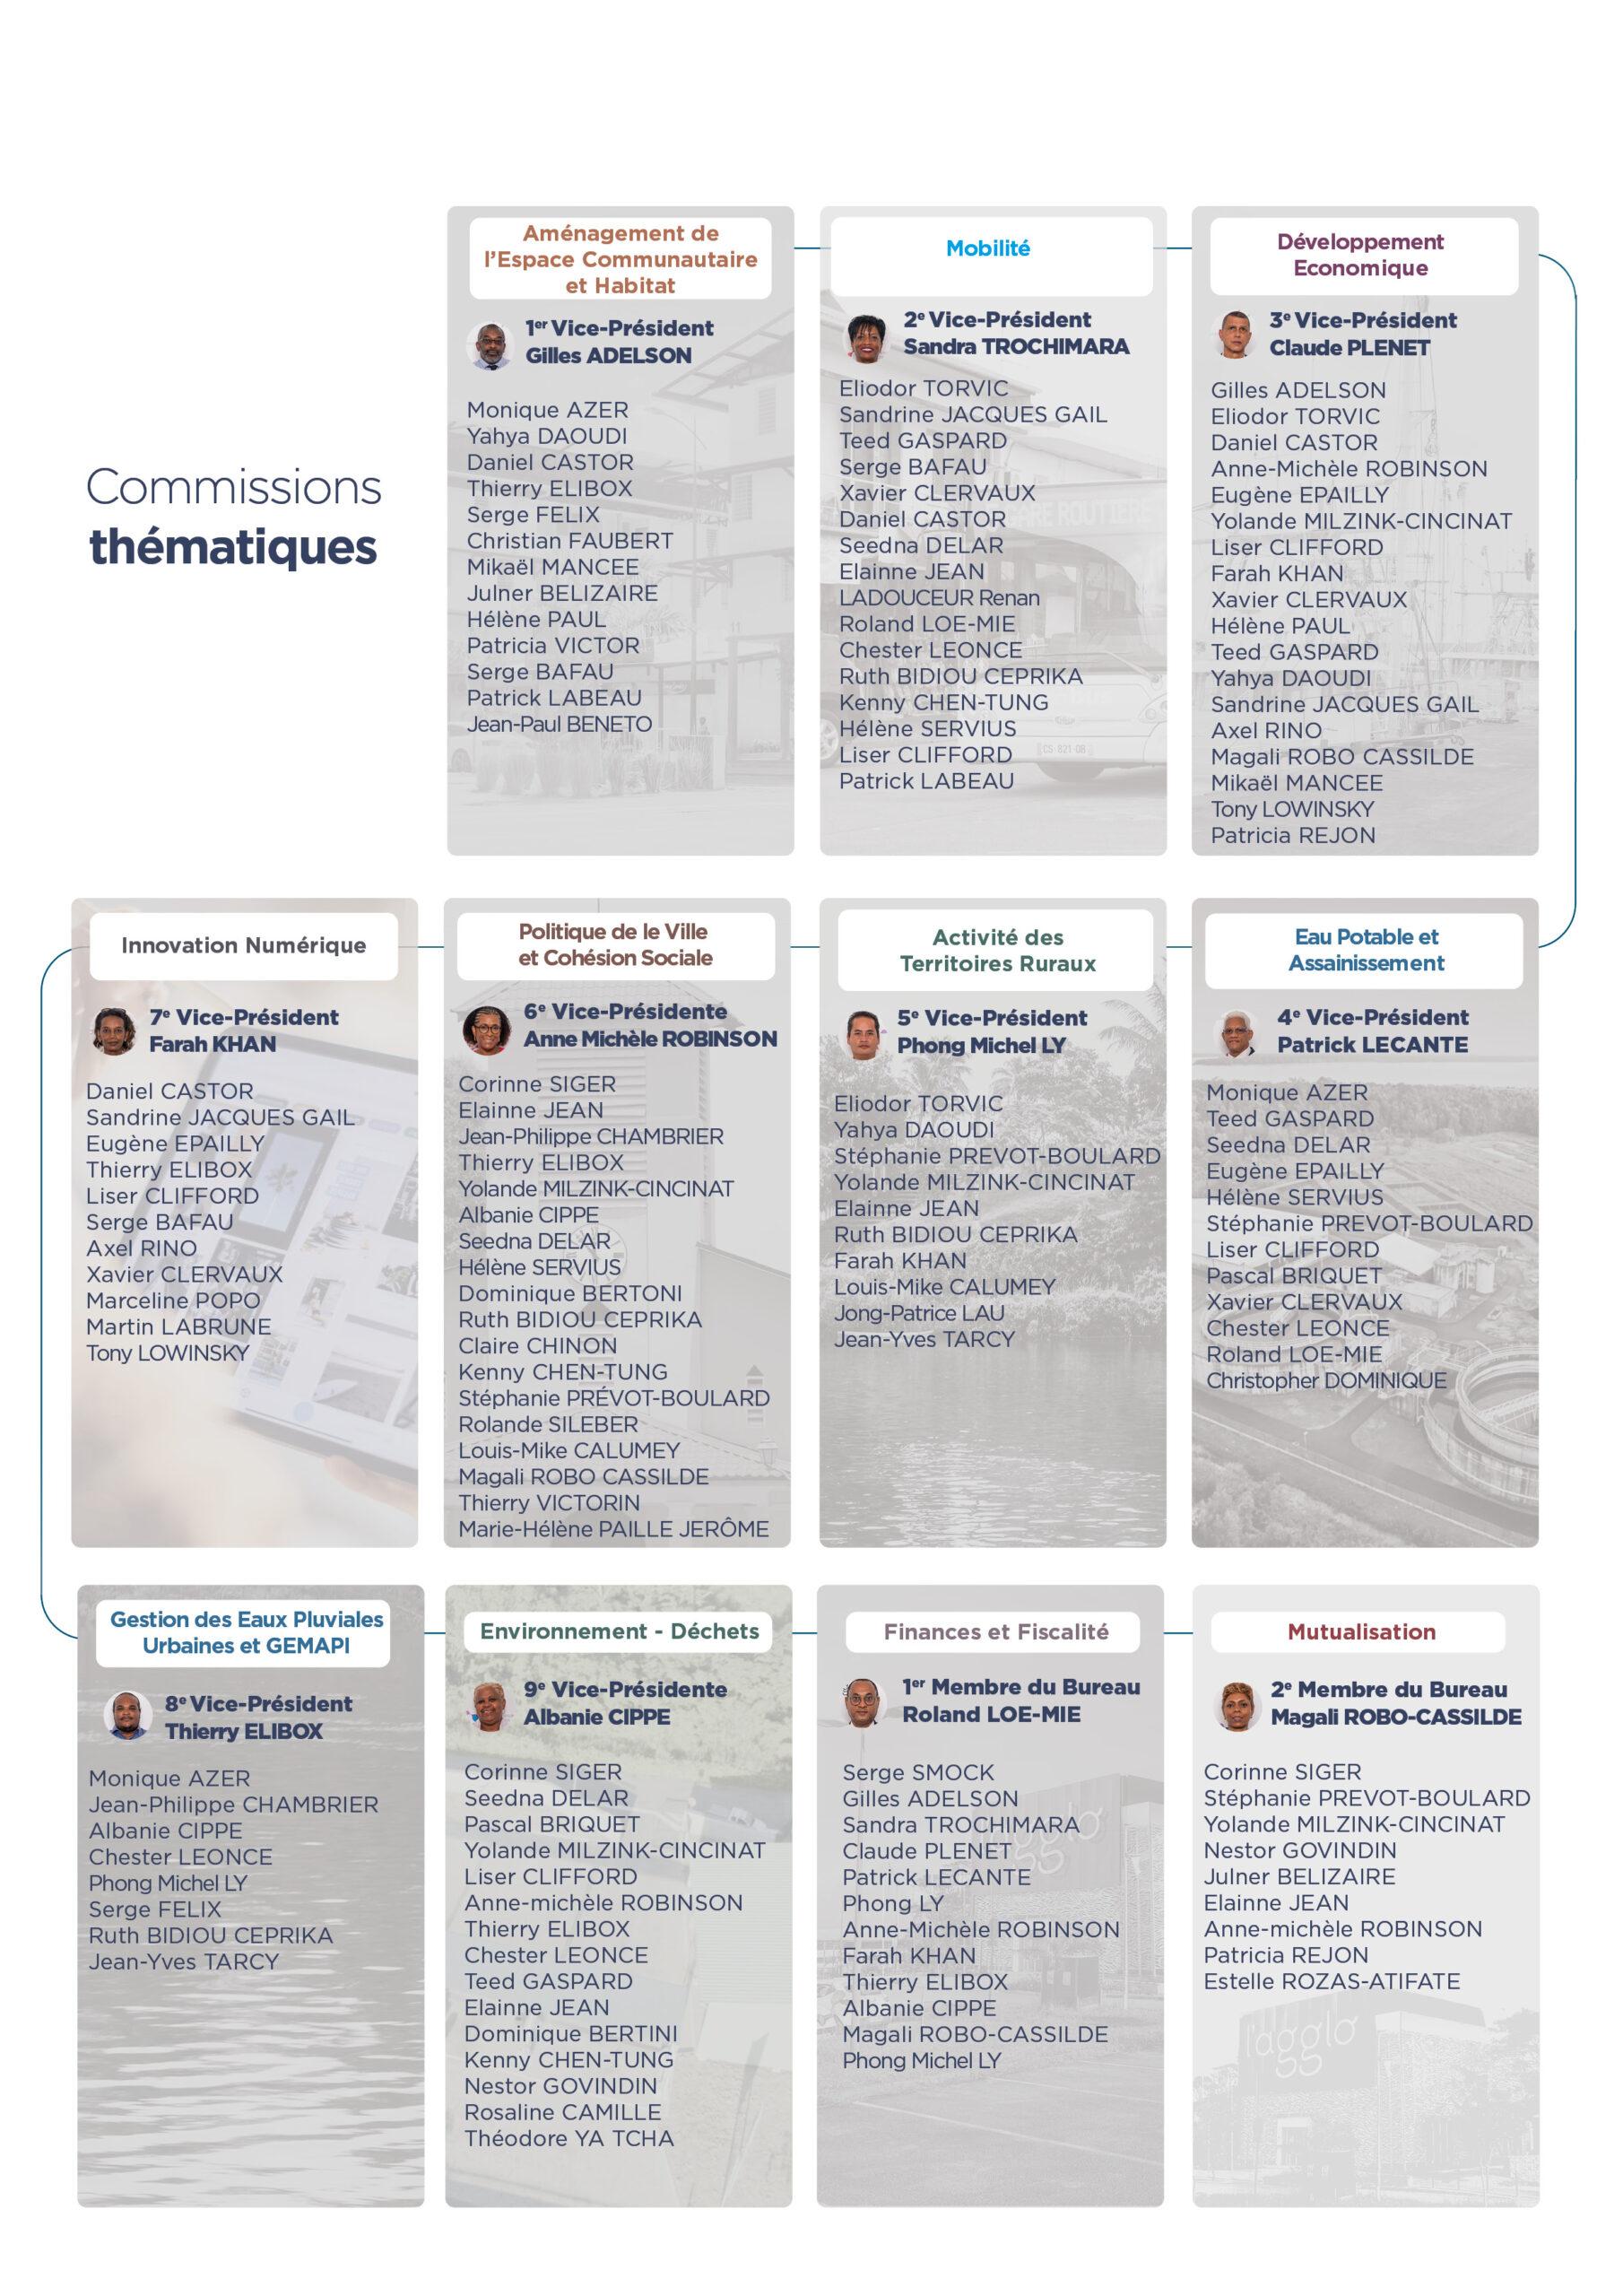 Commissions thémathiques